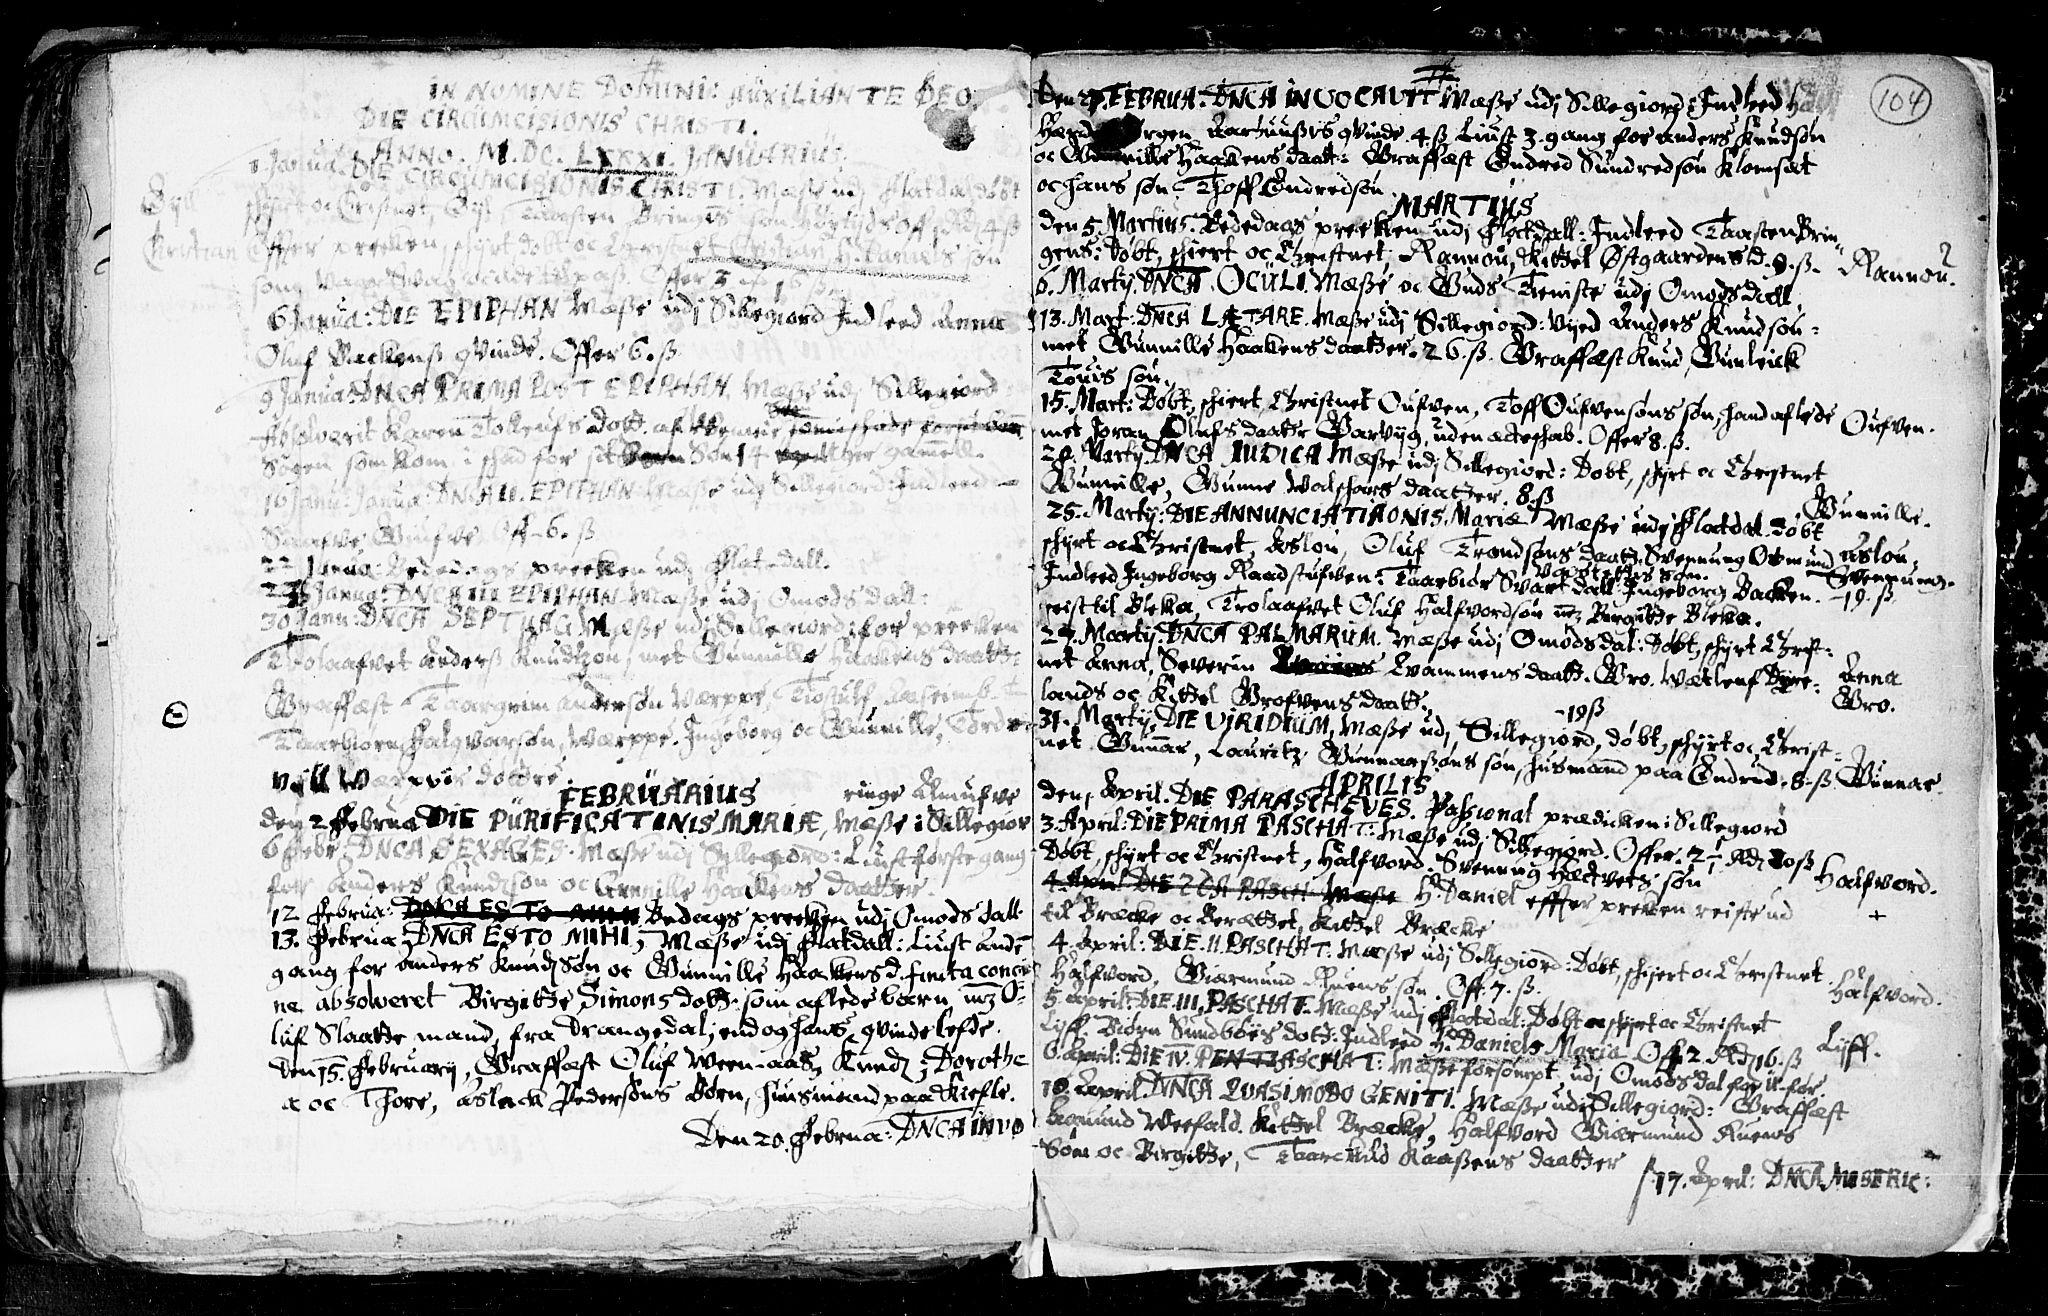 SAKO, Seljord kirkebøker, F/Fa/L0001: Ministerialbok nr. I 1, 1654-1686, s. 104